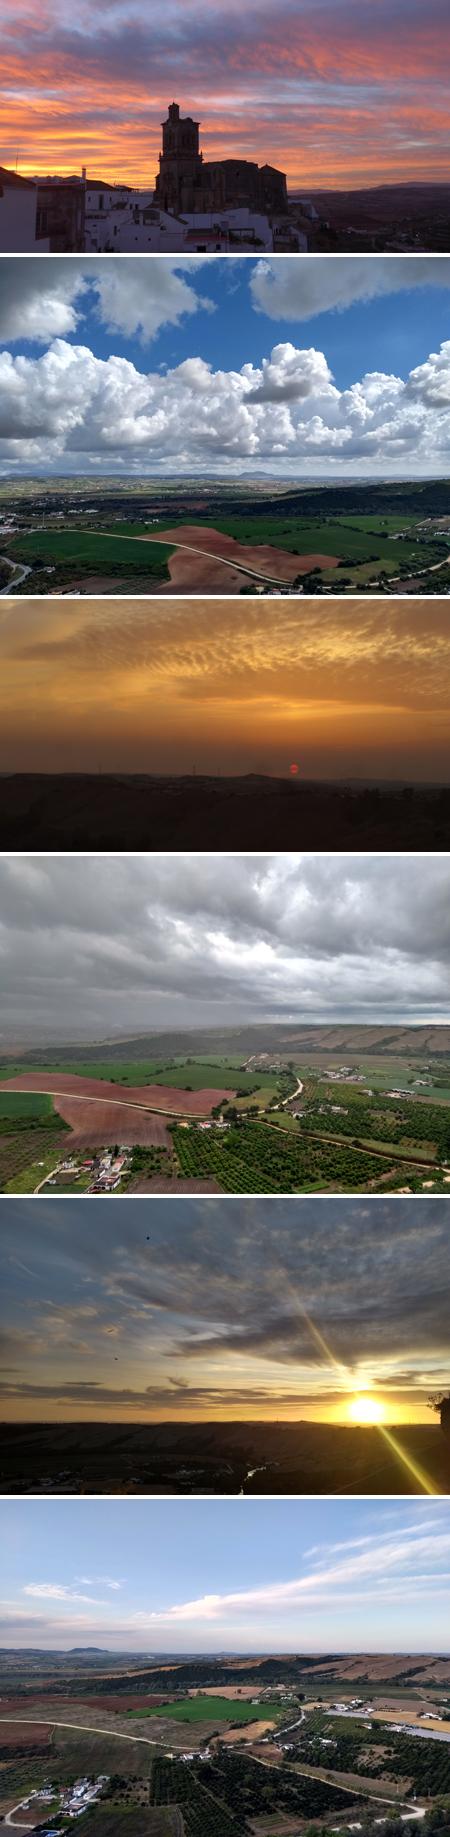 Arcos de la Frontera, panorama, sunrise, sunset